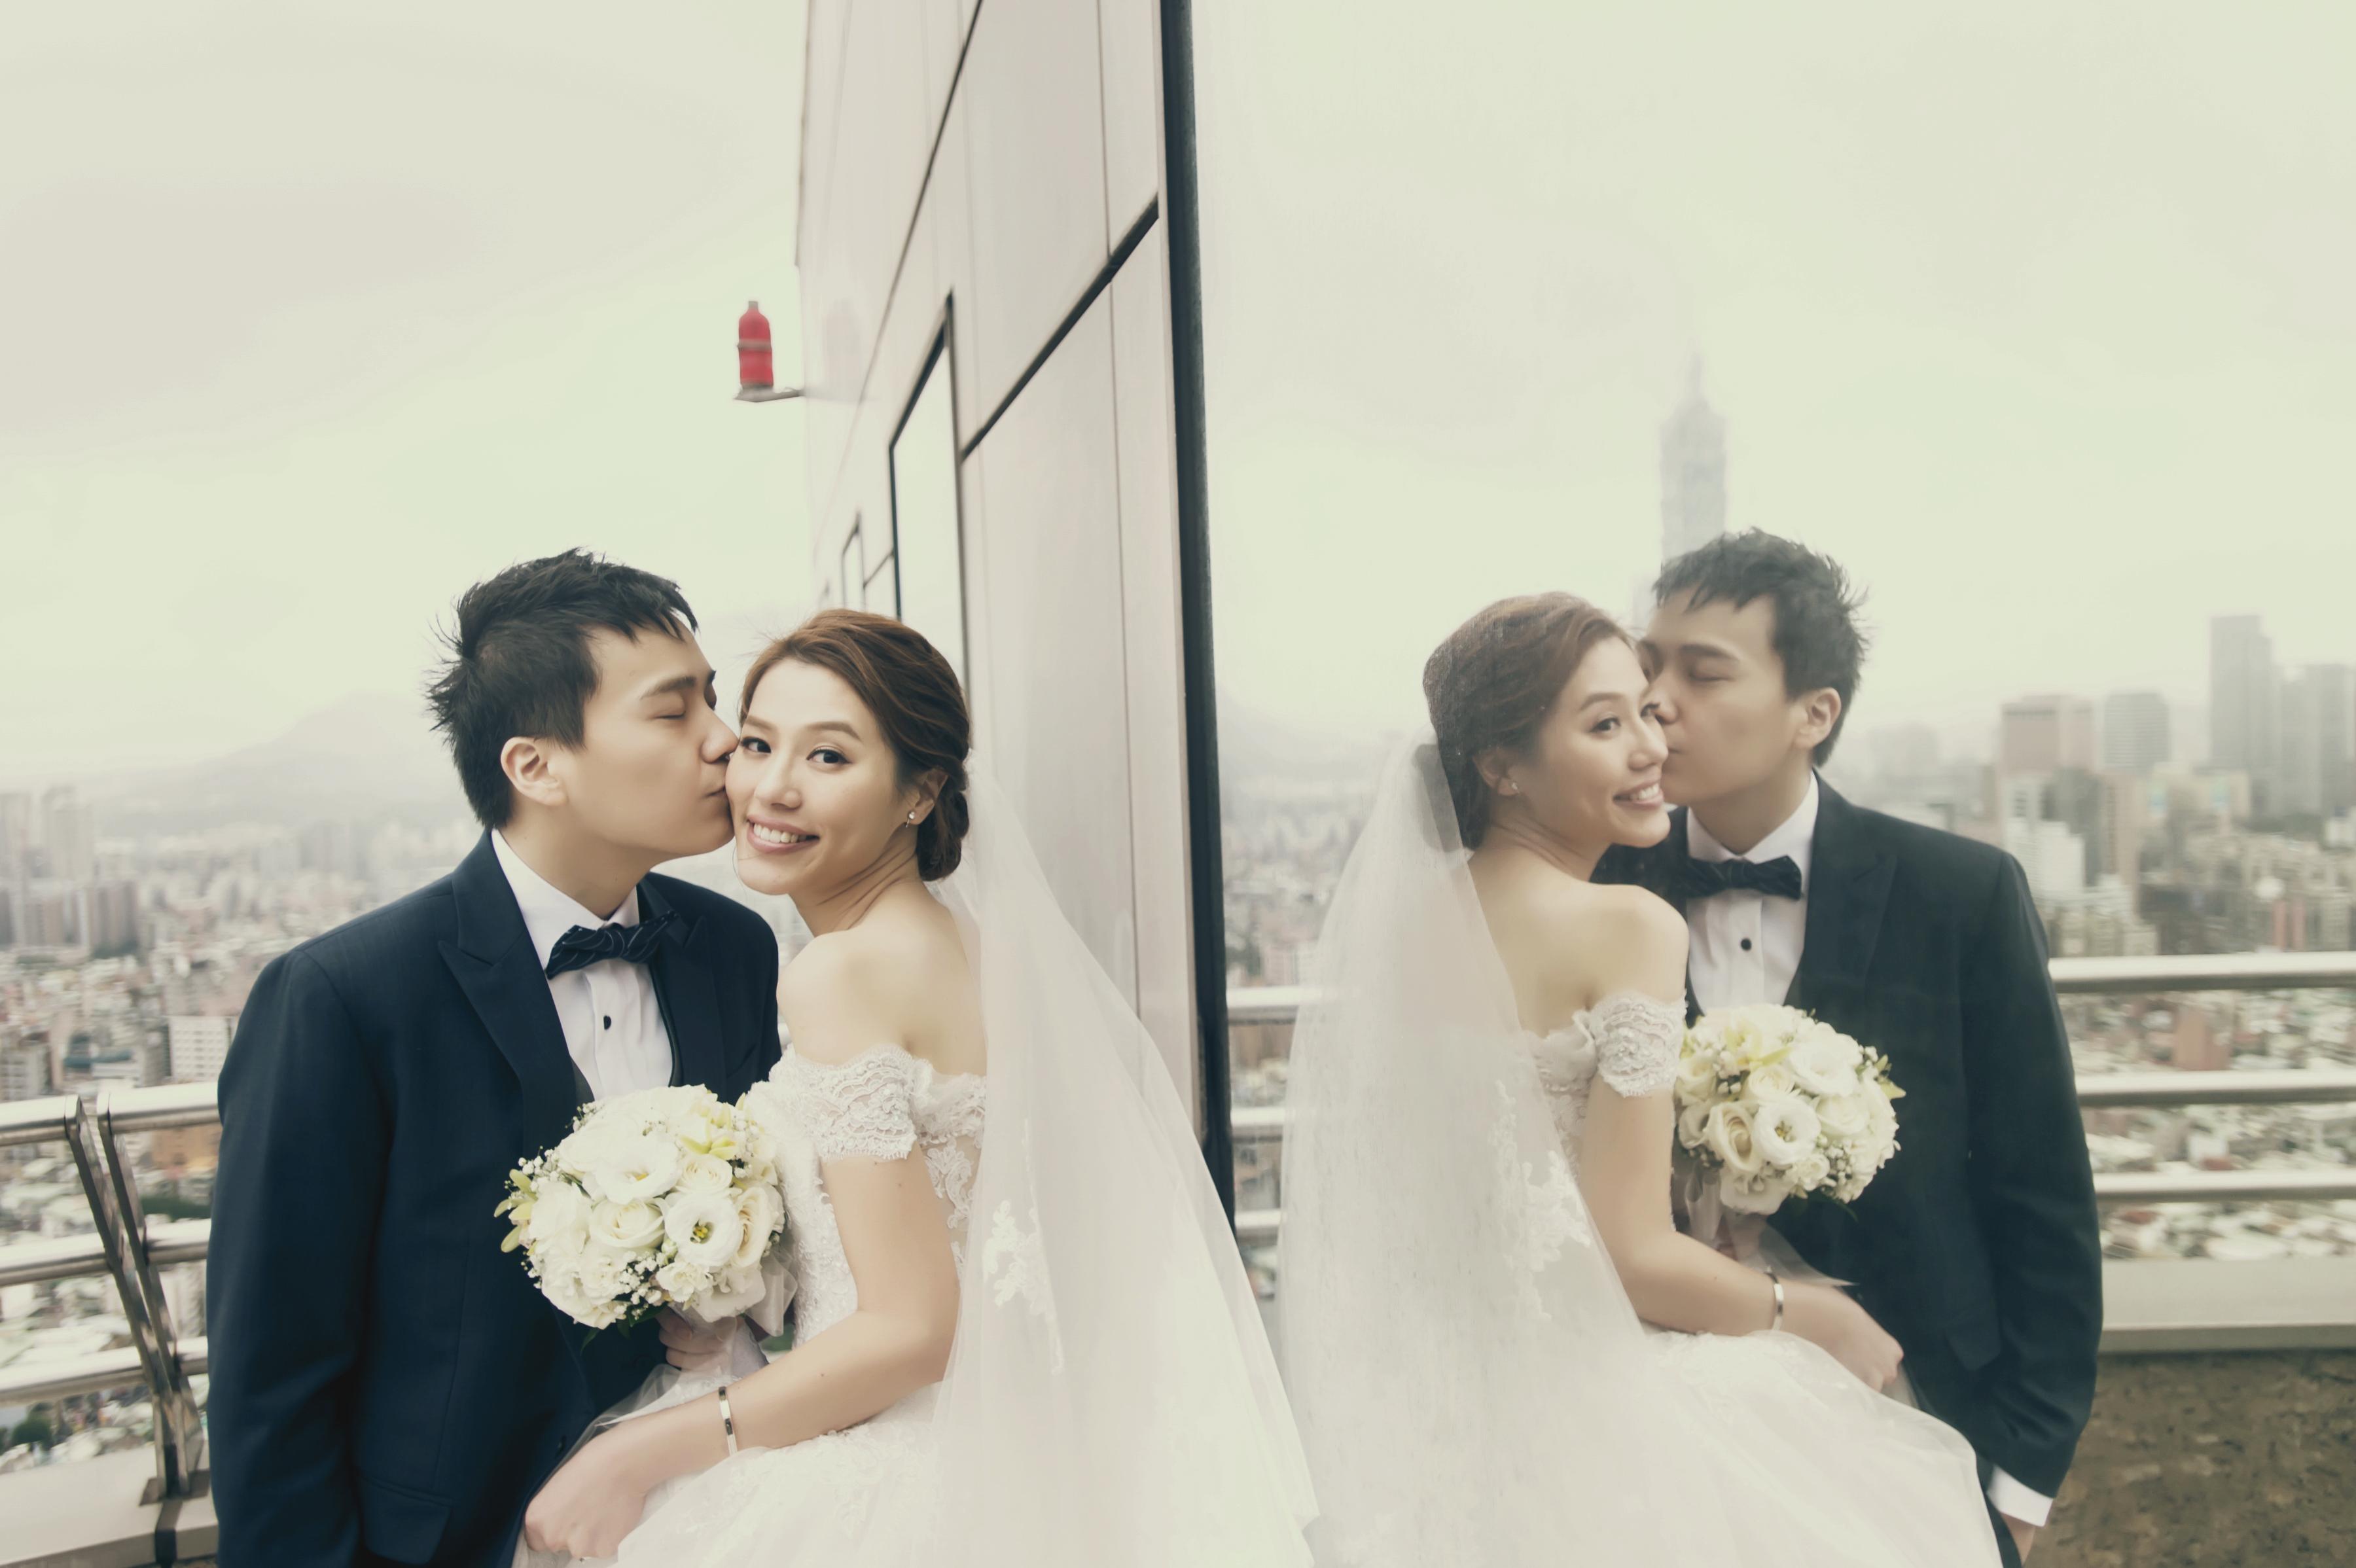 一巧國際攝影團隊, 婚禮紀錄, 婚攝, 婚禮攝影, 婚攝培根,香格里拉台北遠東國際大飯店, 遠企